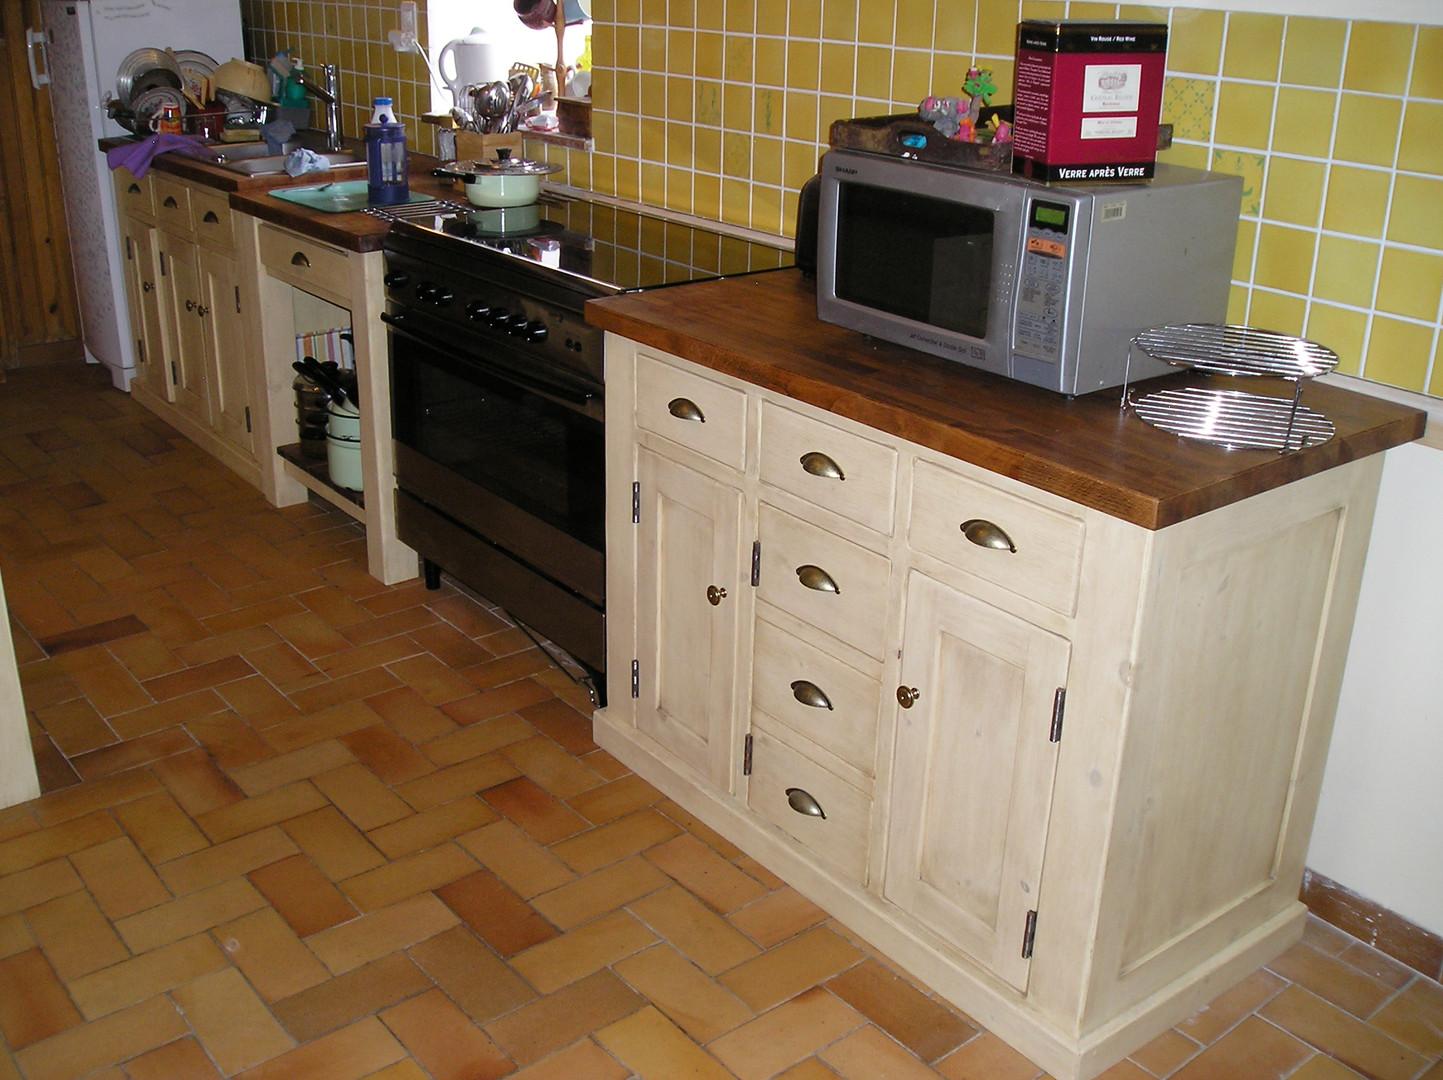 Jane's kitchen 23.08.06 011.jpg